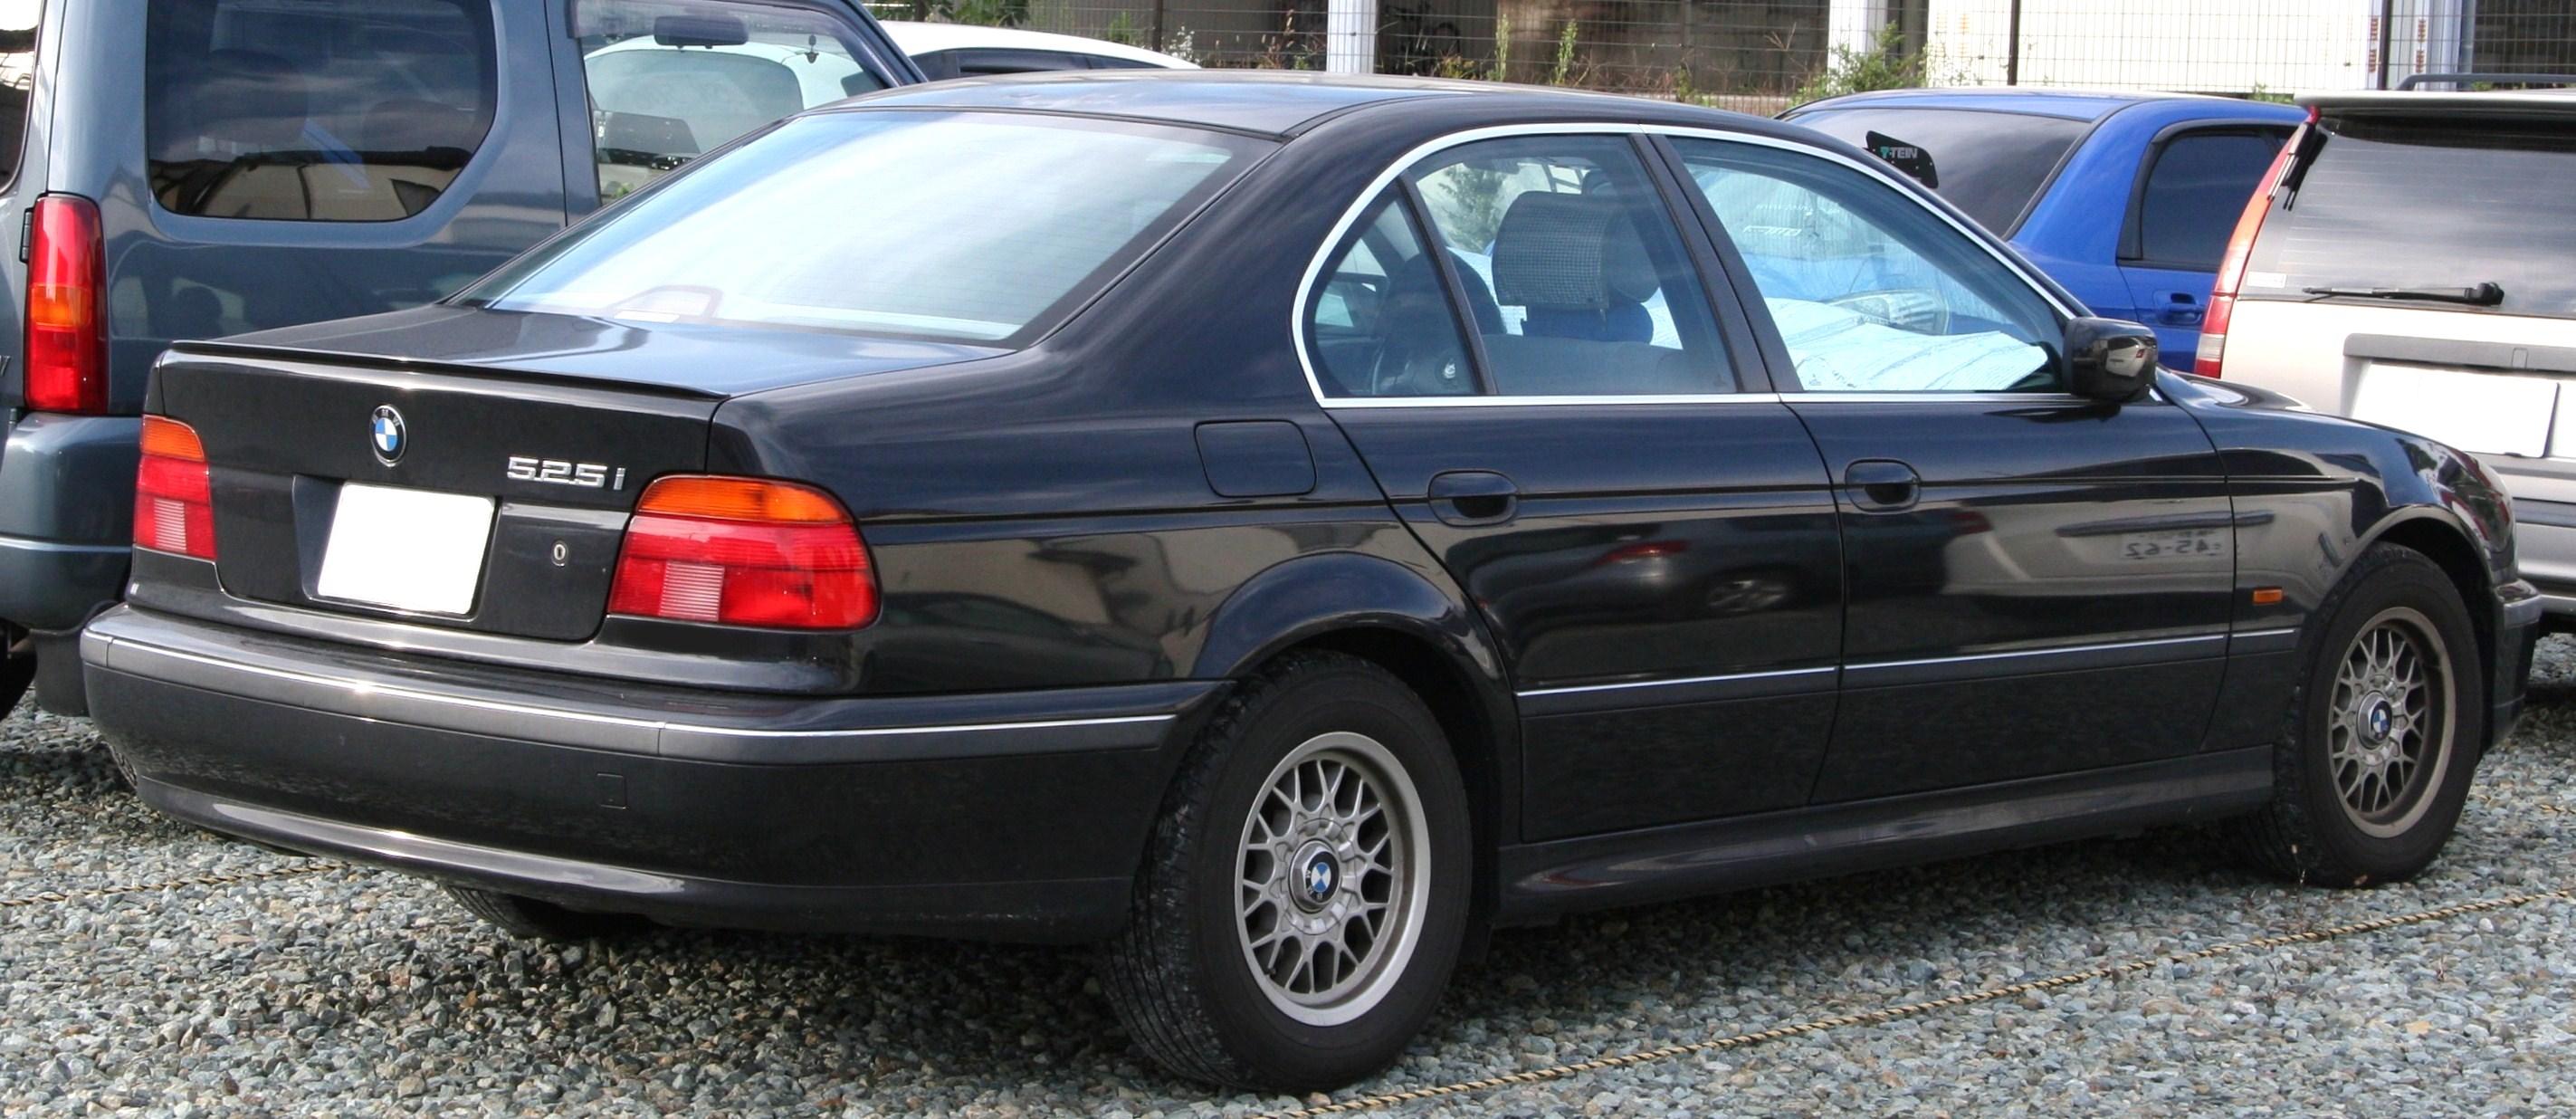 File BMW I Rearjpg Wikimedia Commons - 2010 bmw 525i